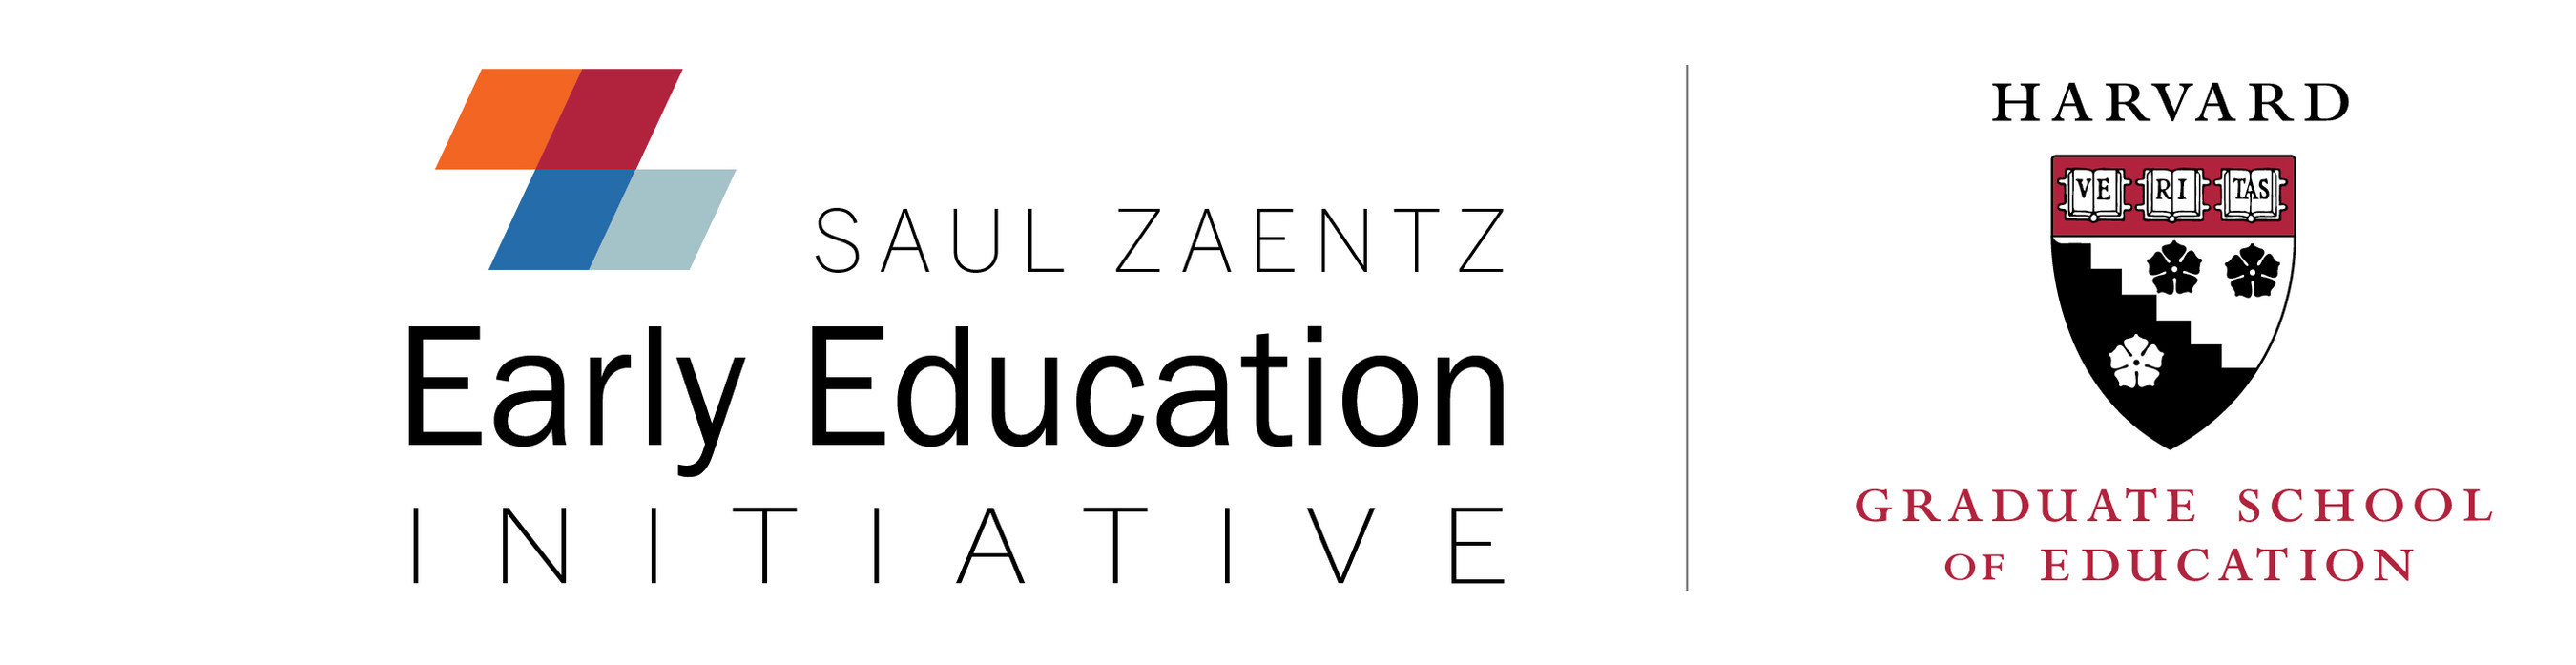 Saul Zaentz Early Education Initiative at the Harvard Graduate School of Education (HGSE) (PRNewsfoto/Saul Zaentz Early Education Ini)